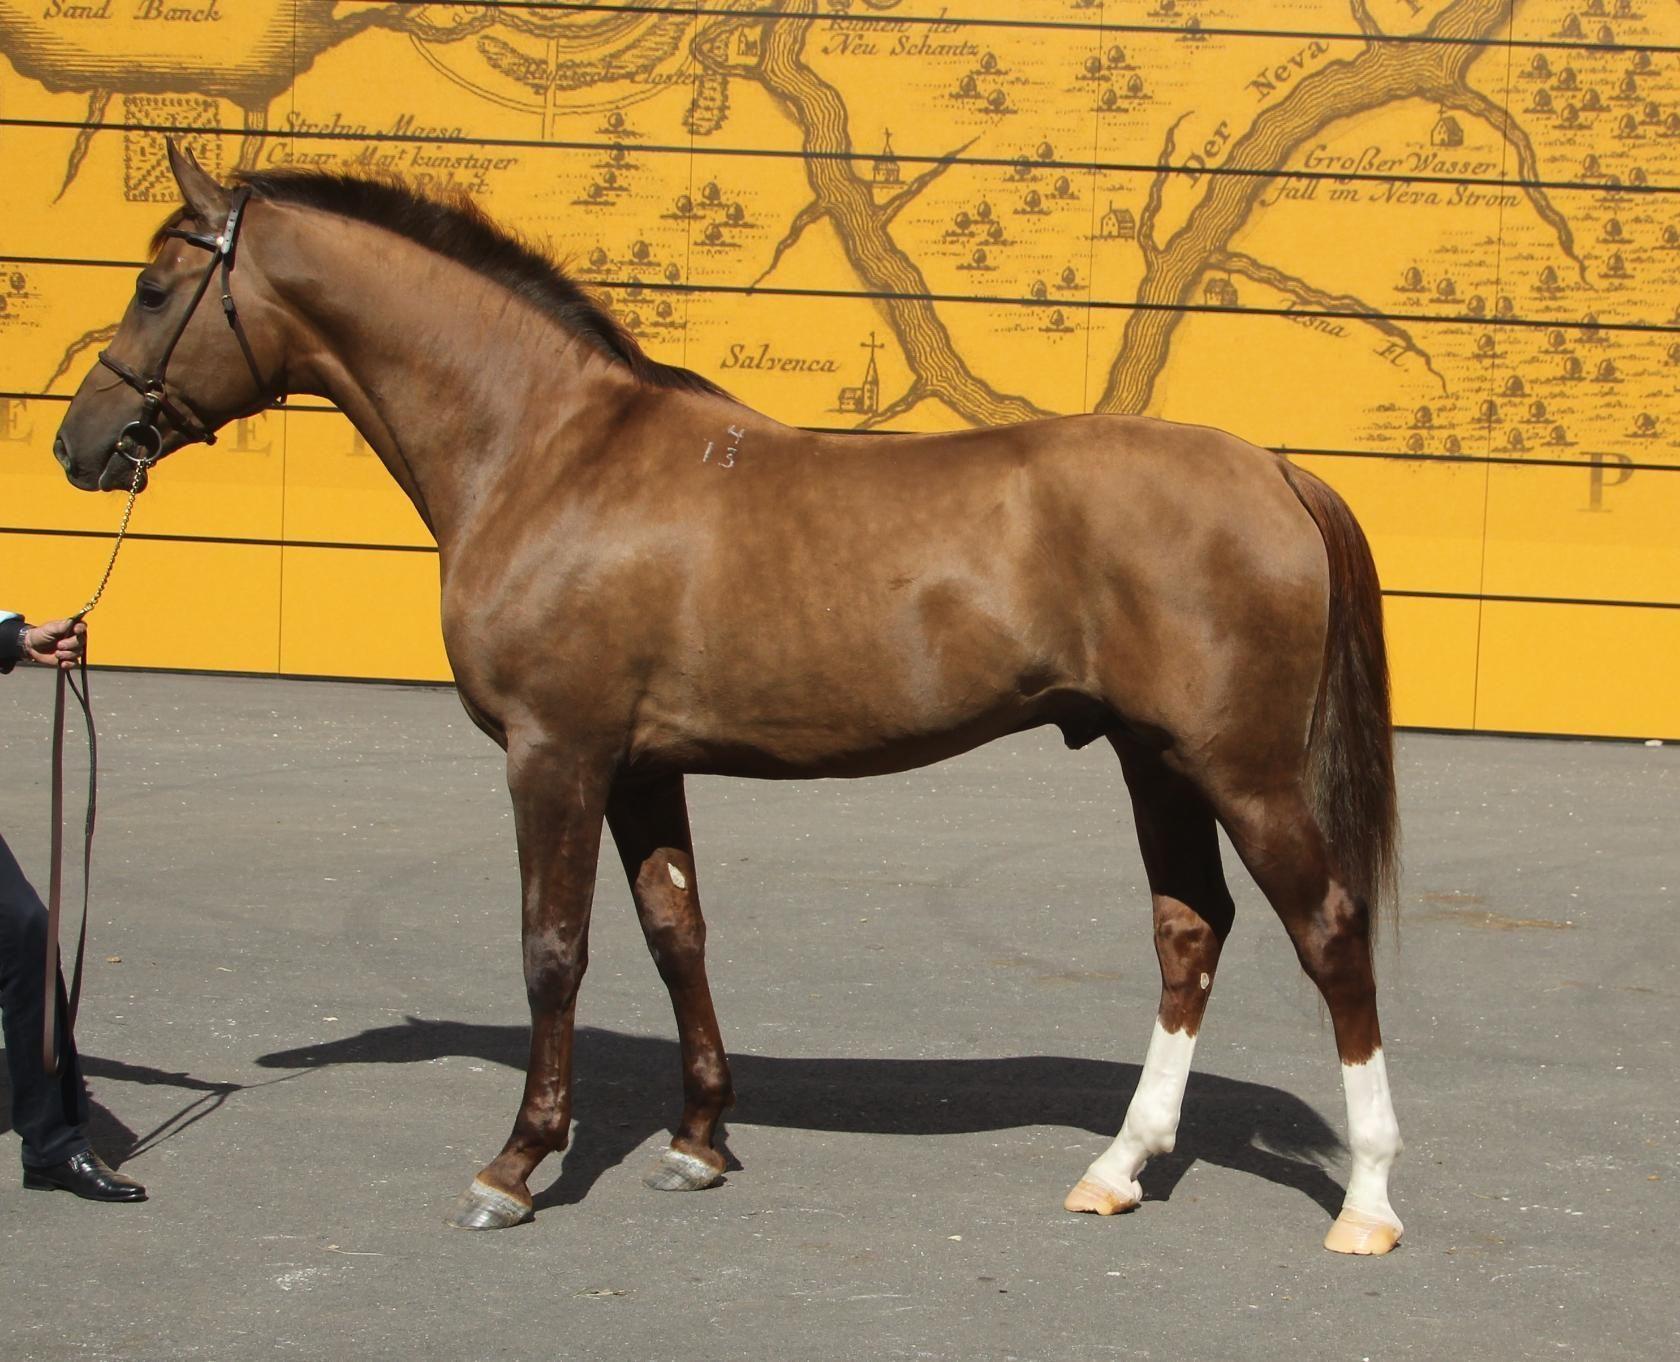 «золото степей» - в россии стартовал проект возрождения донской породы лошадей